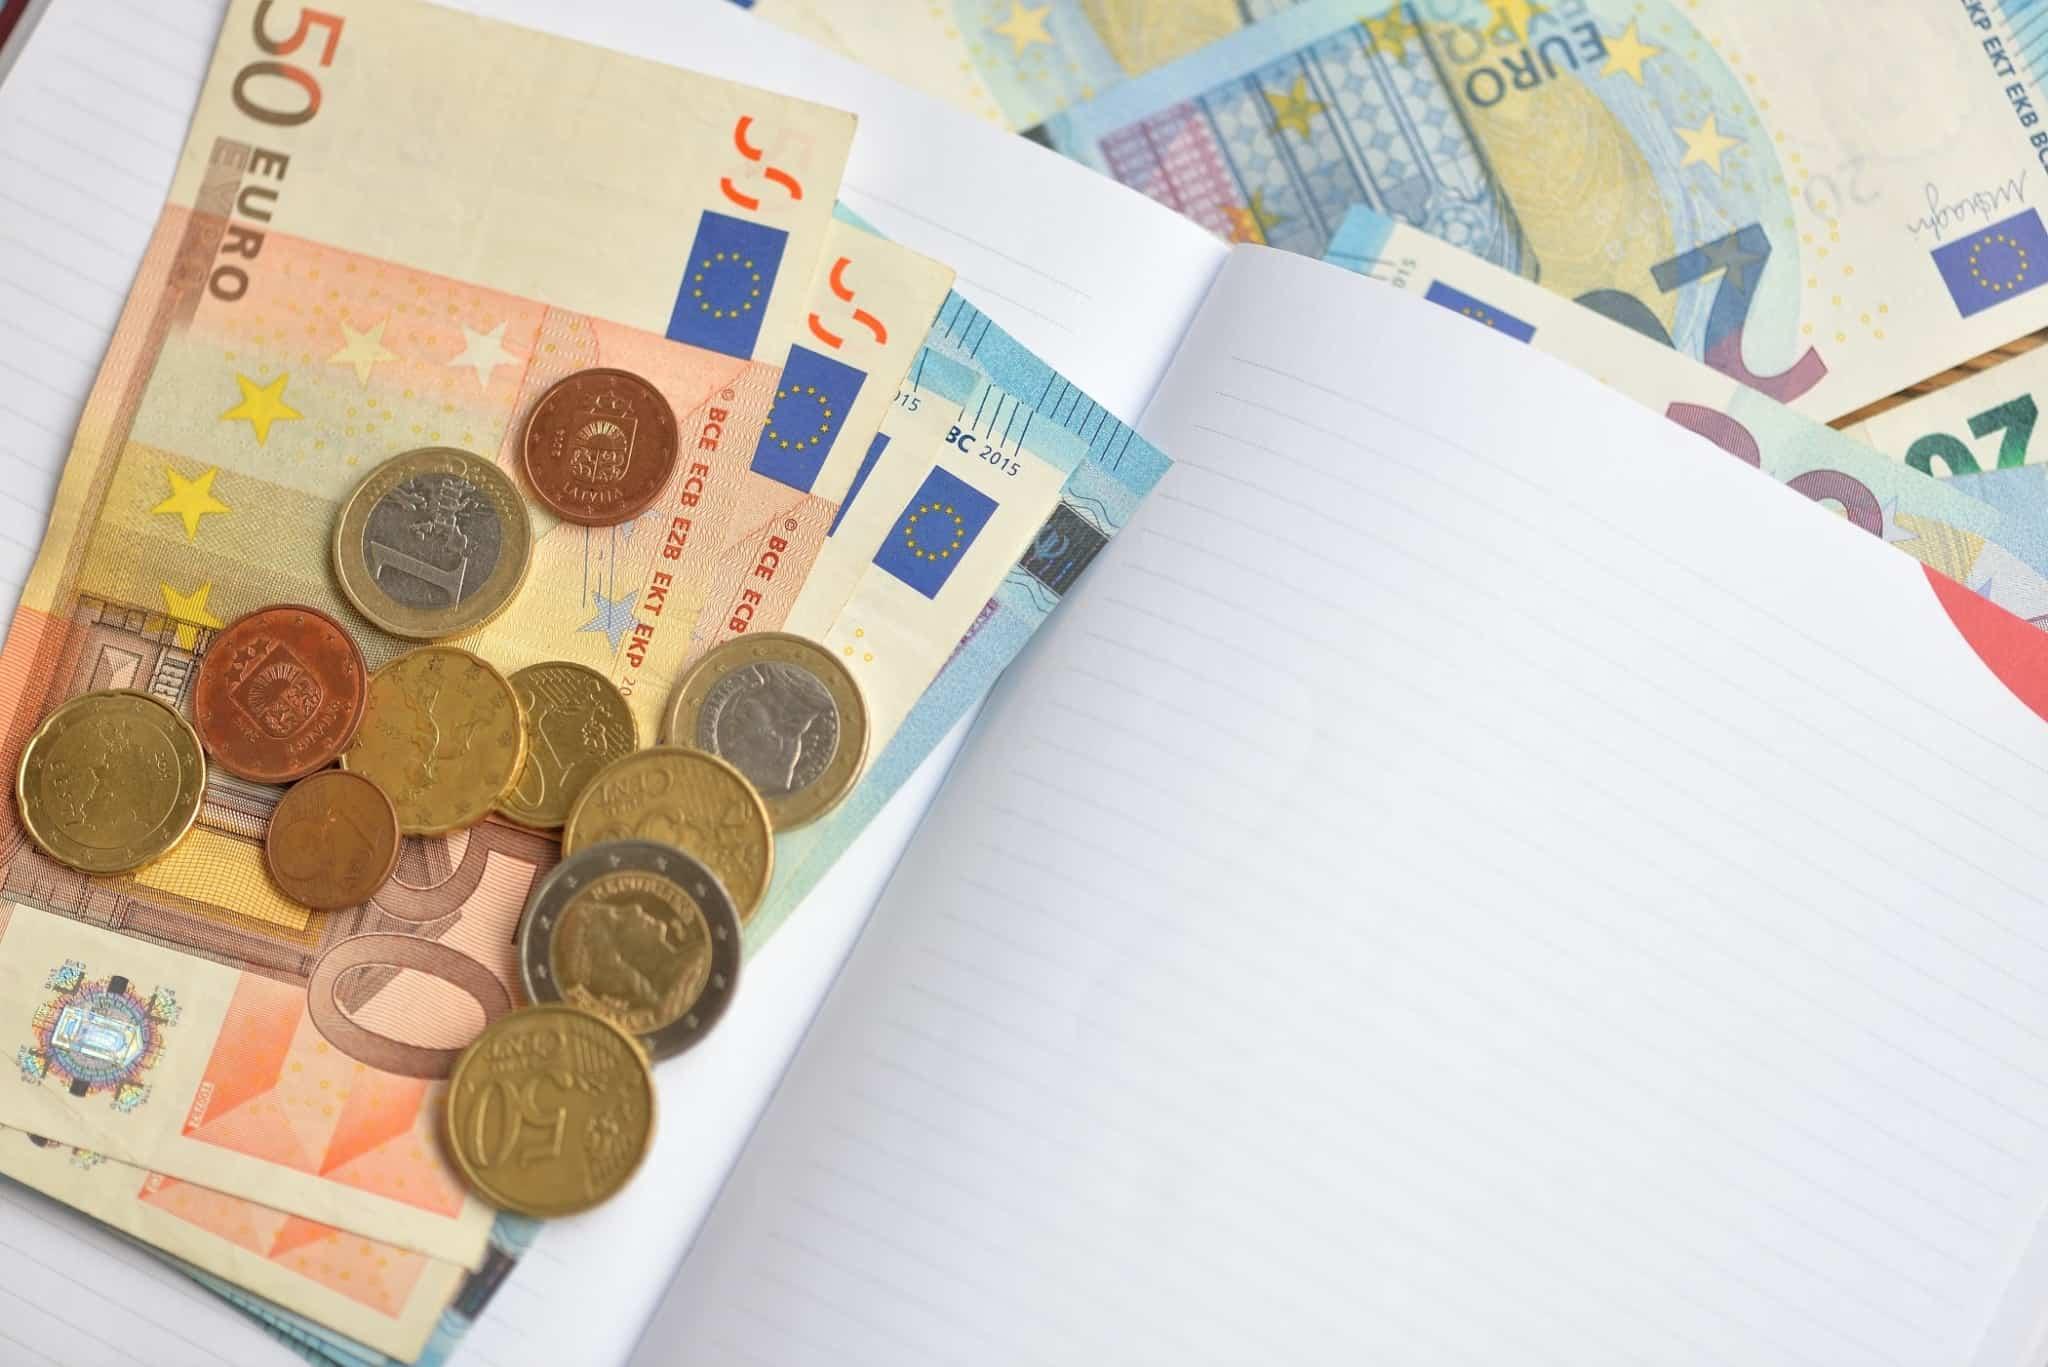 notas e moedas de euros dentro de um bloco de notas